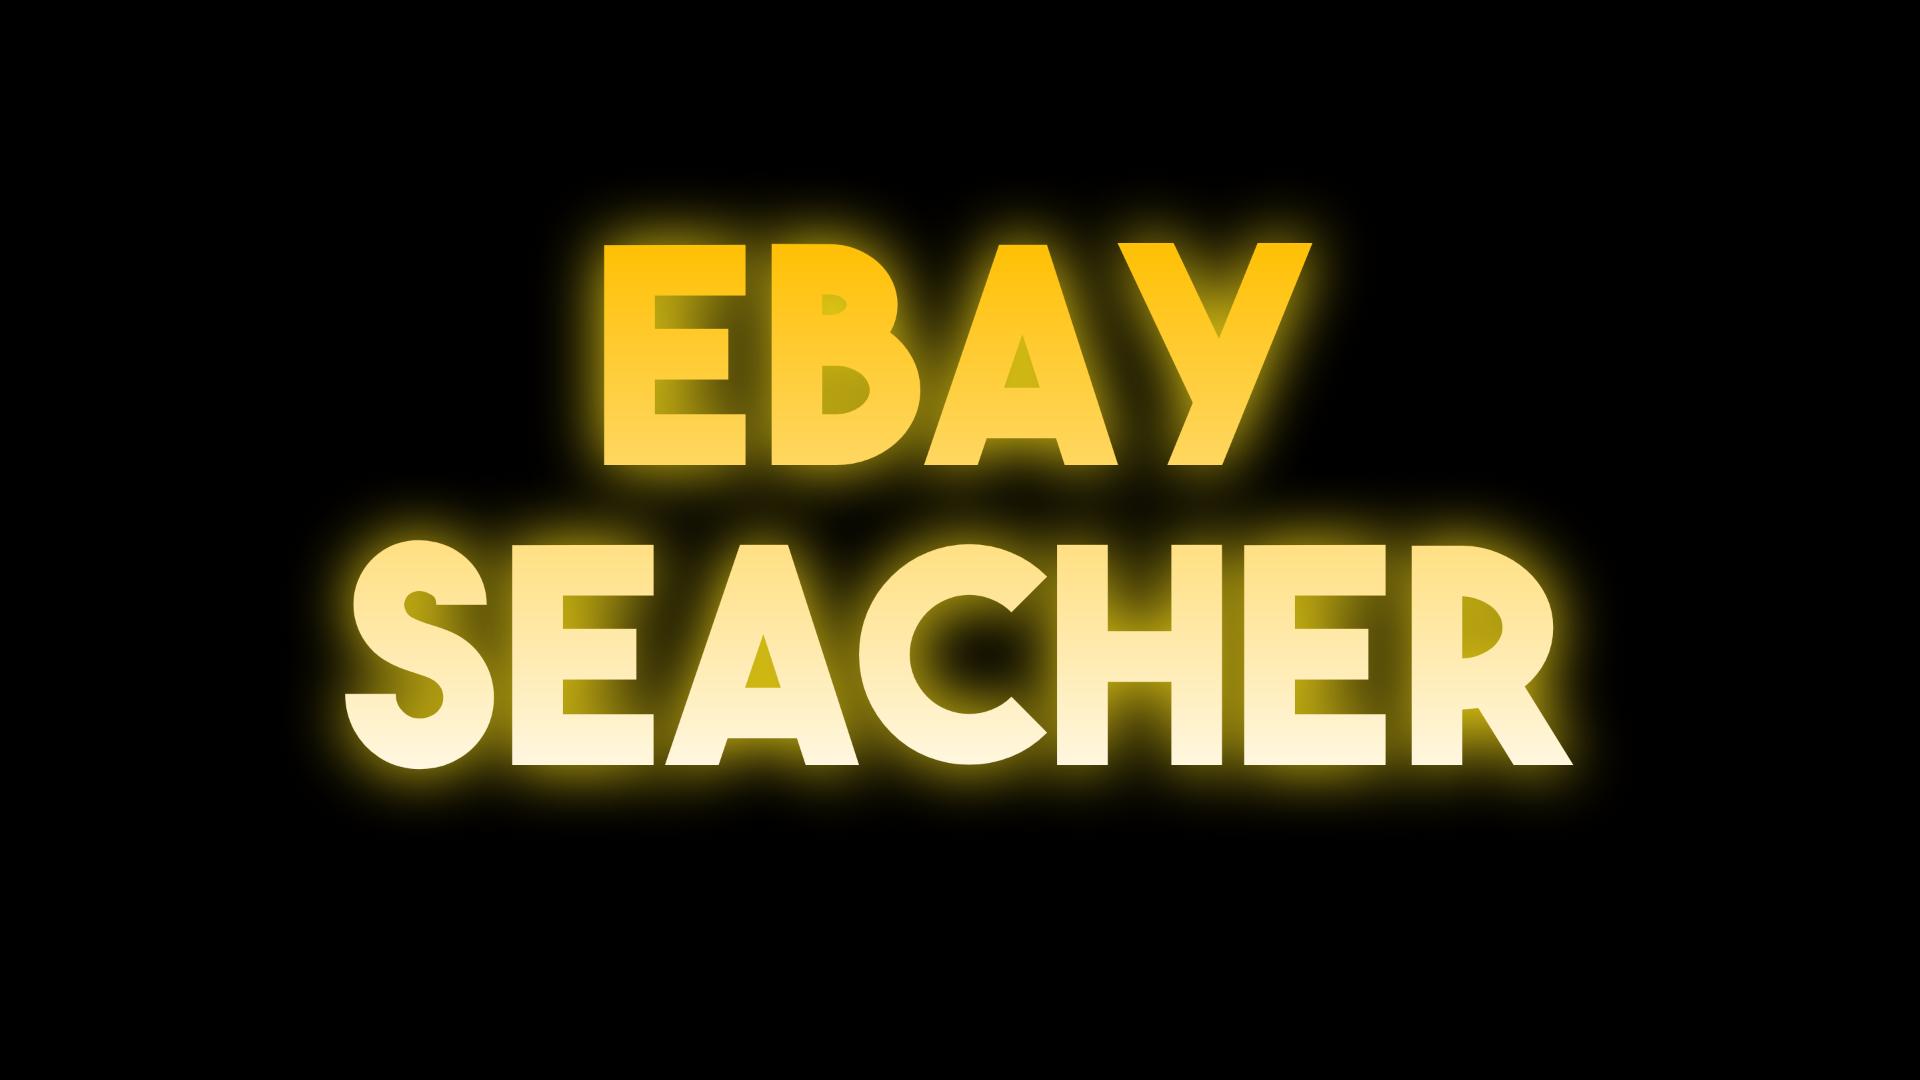 最強ebayリサーチツール『ebayサーチャー』について